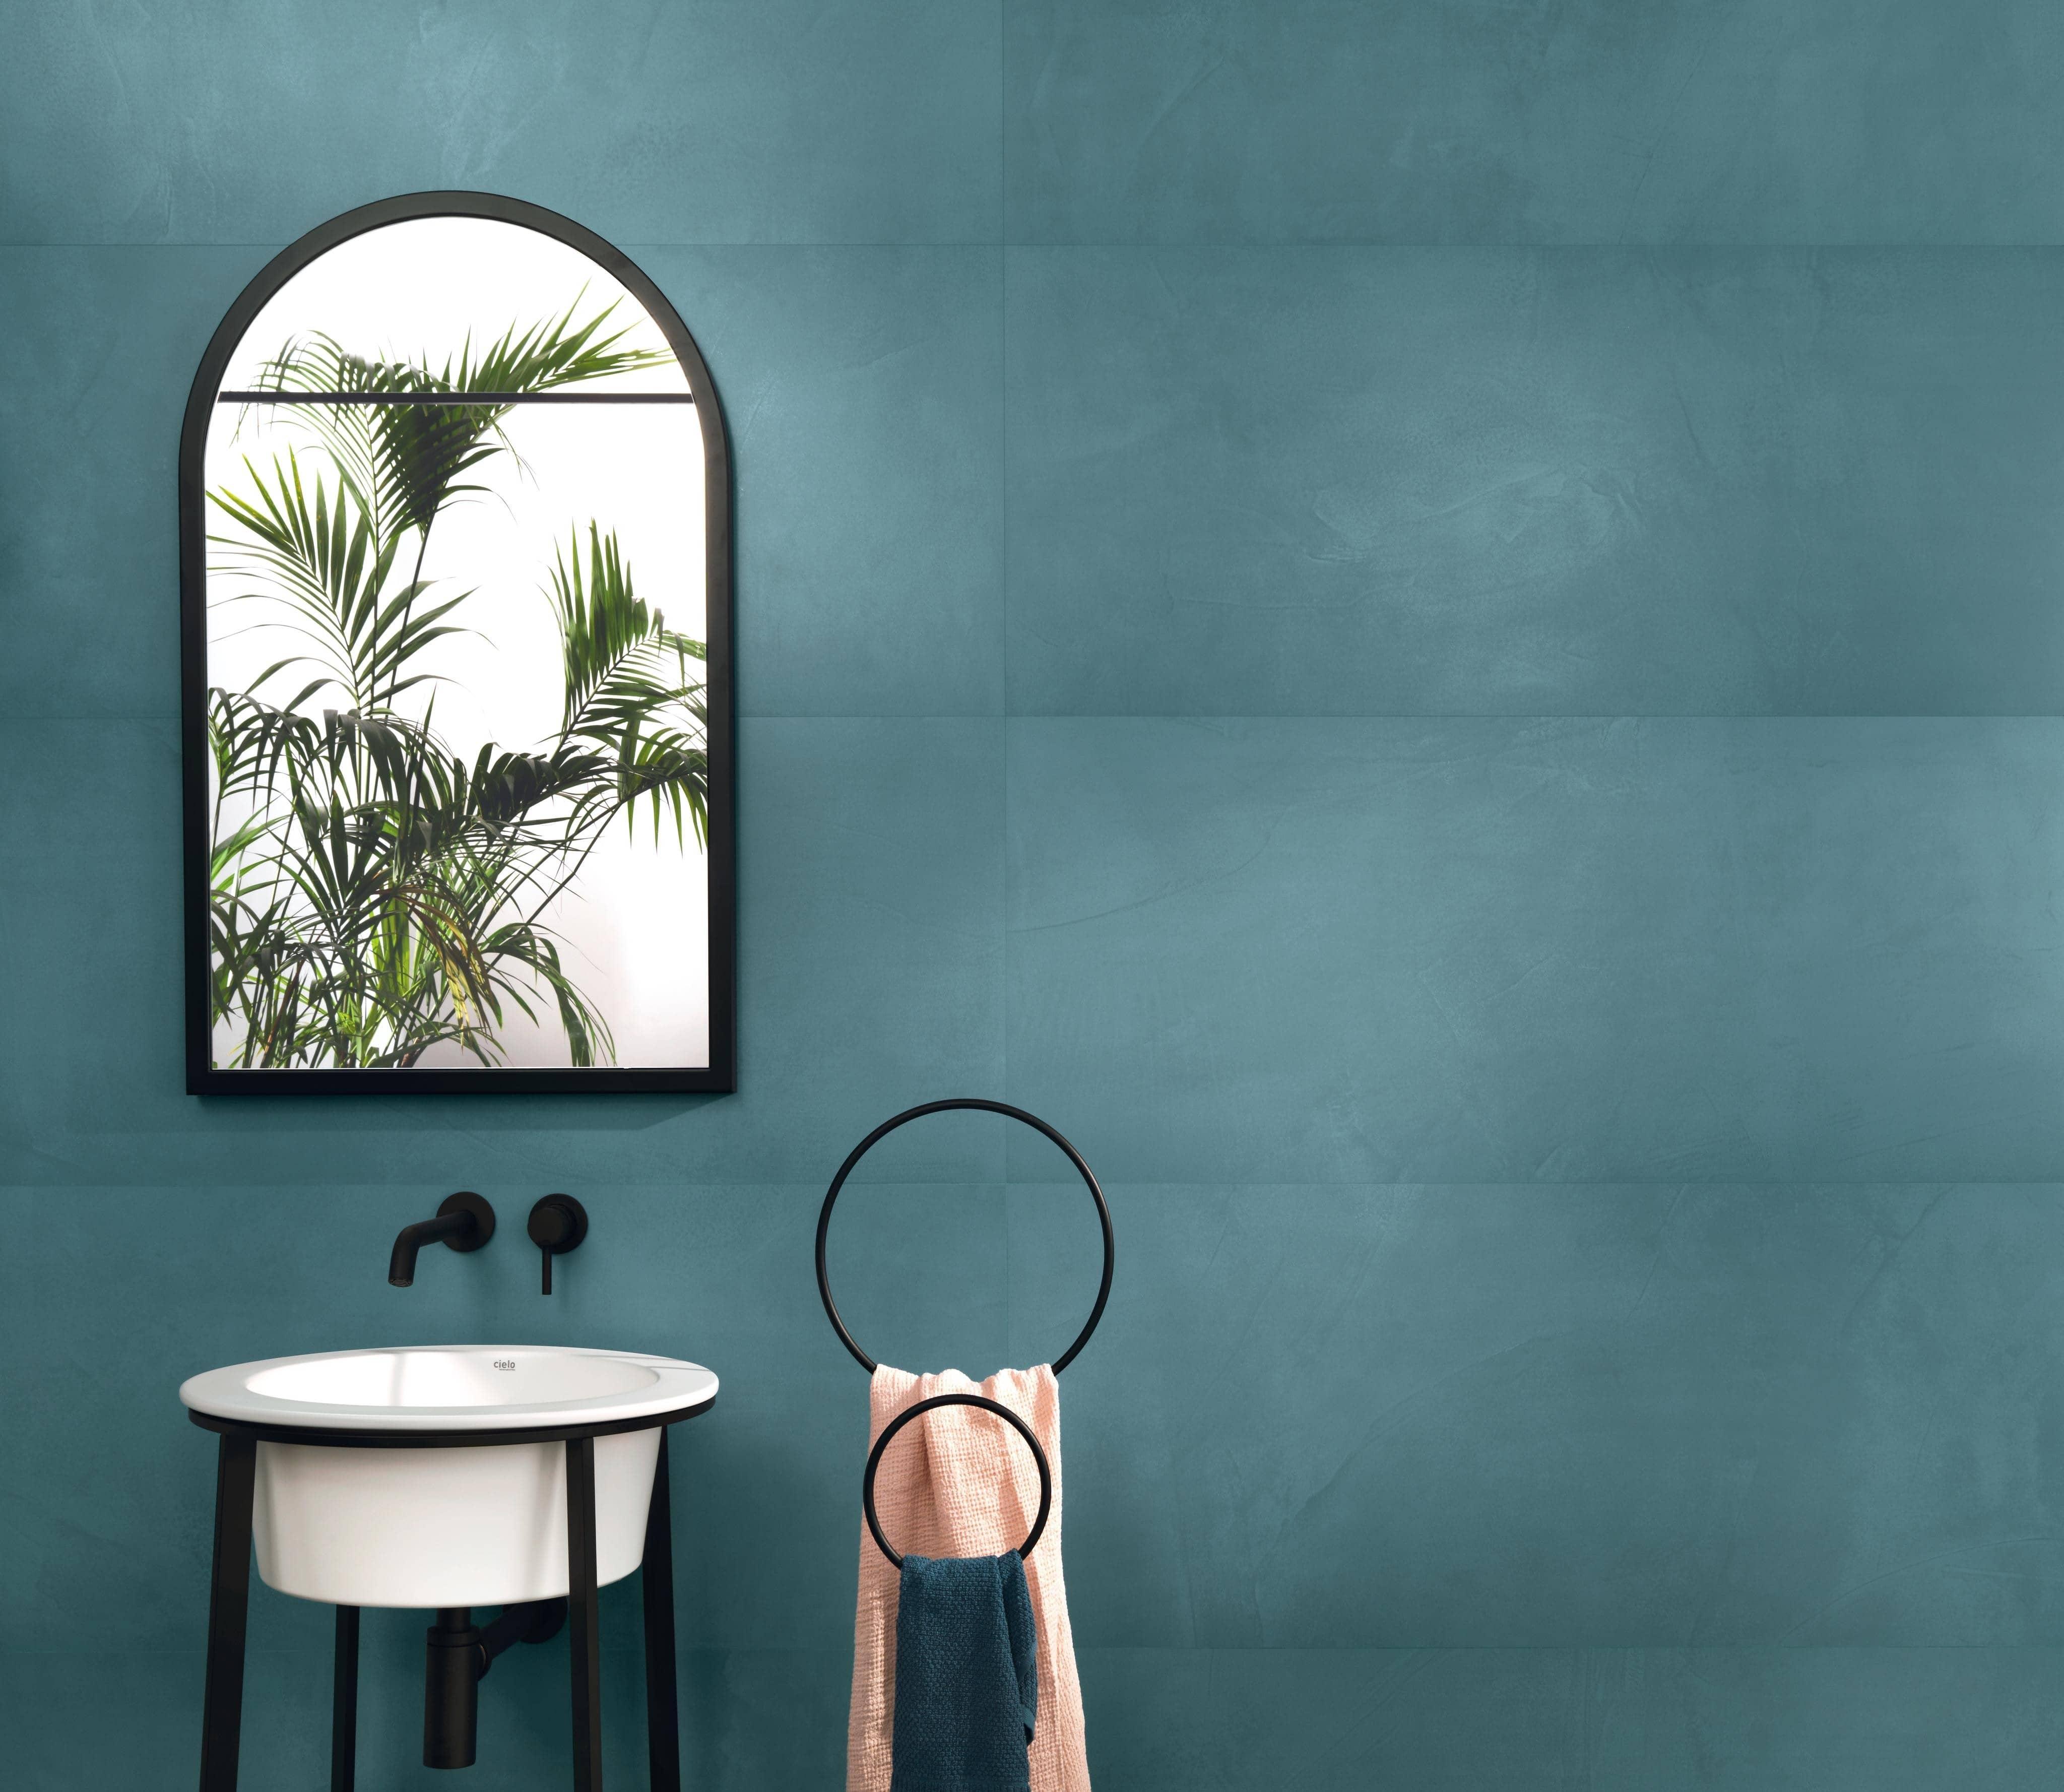 Koupelna v pastelových barvách. Objevte kolekci Prism! slide 4